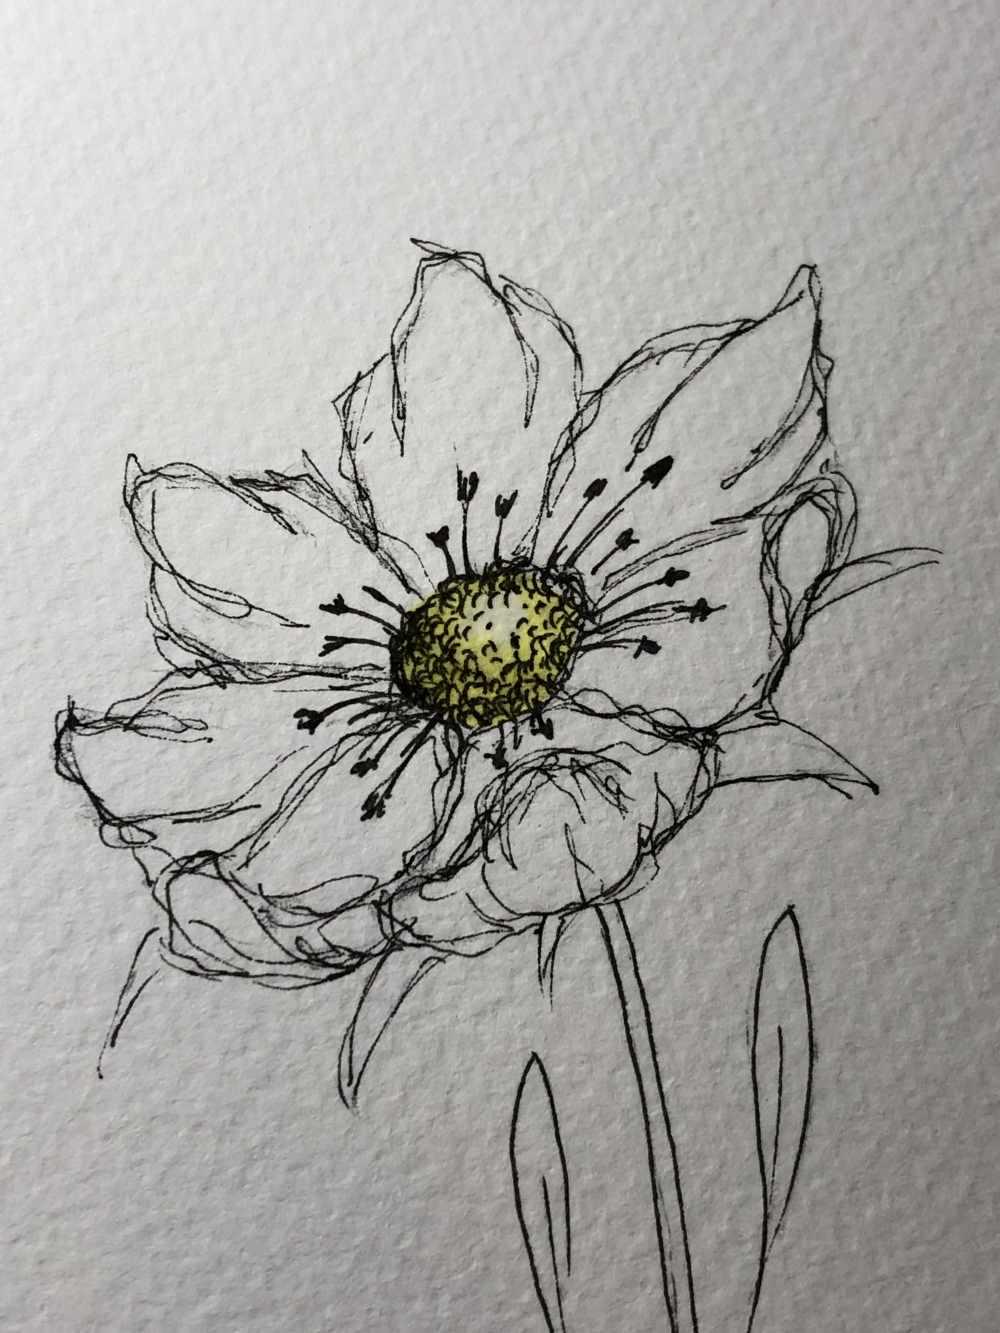 Blumenblüte mit der Ellipsentechnik gezeichnet und wenig ausgemalt